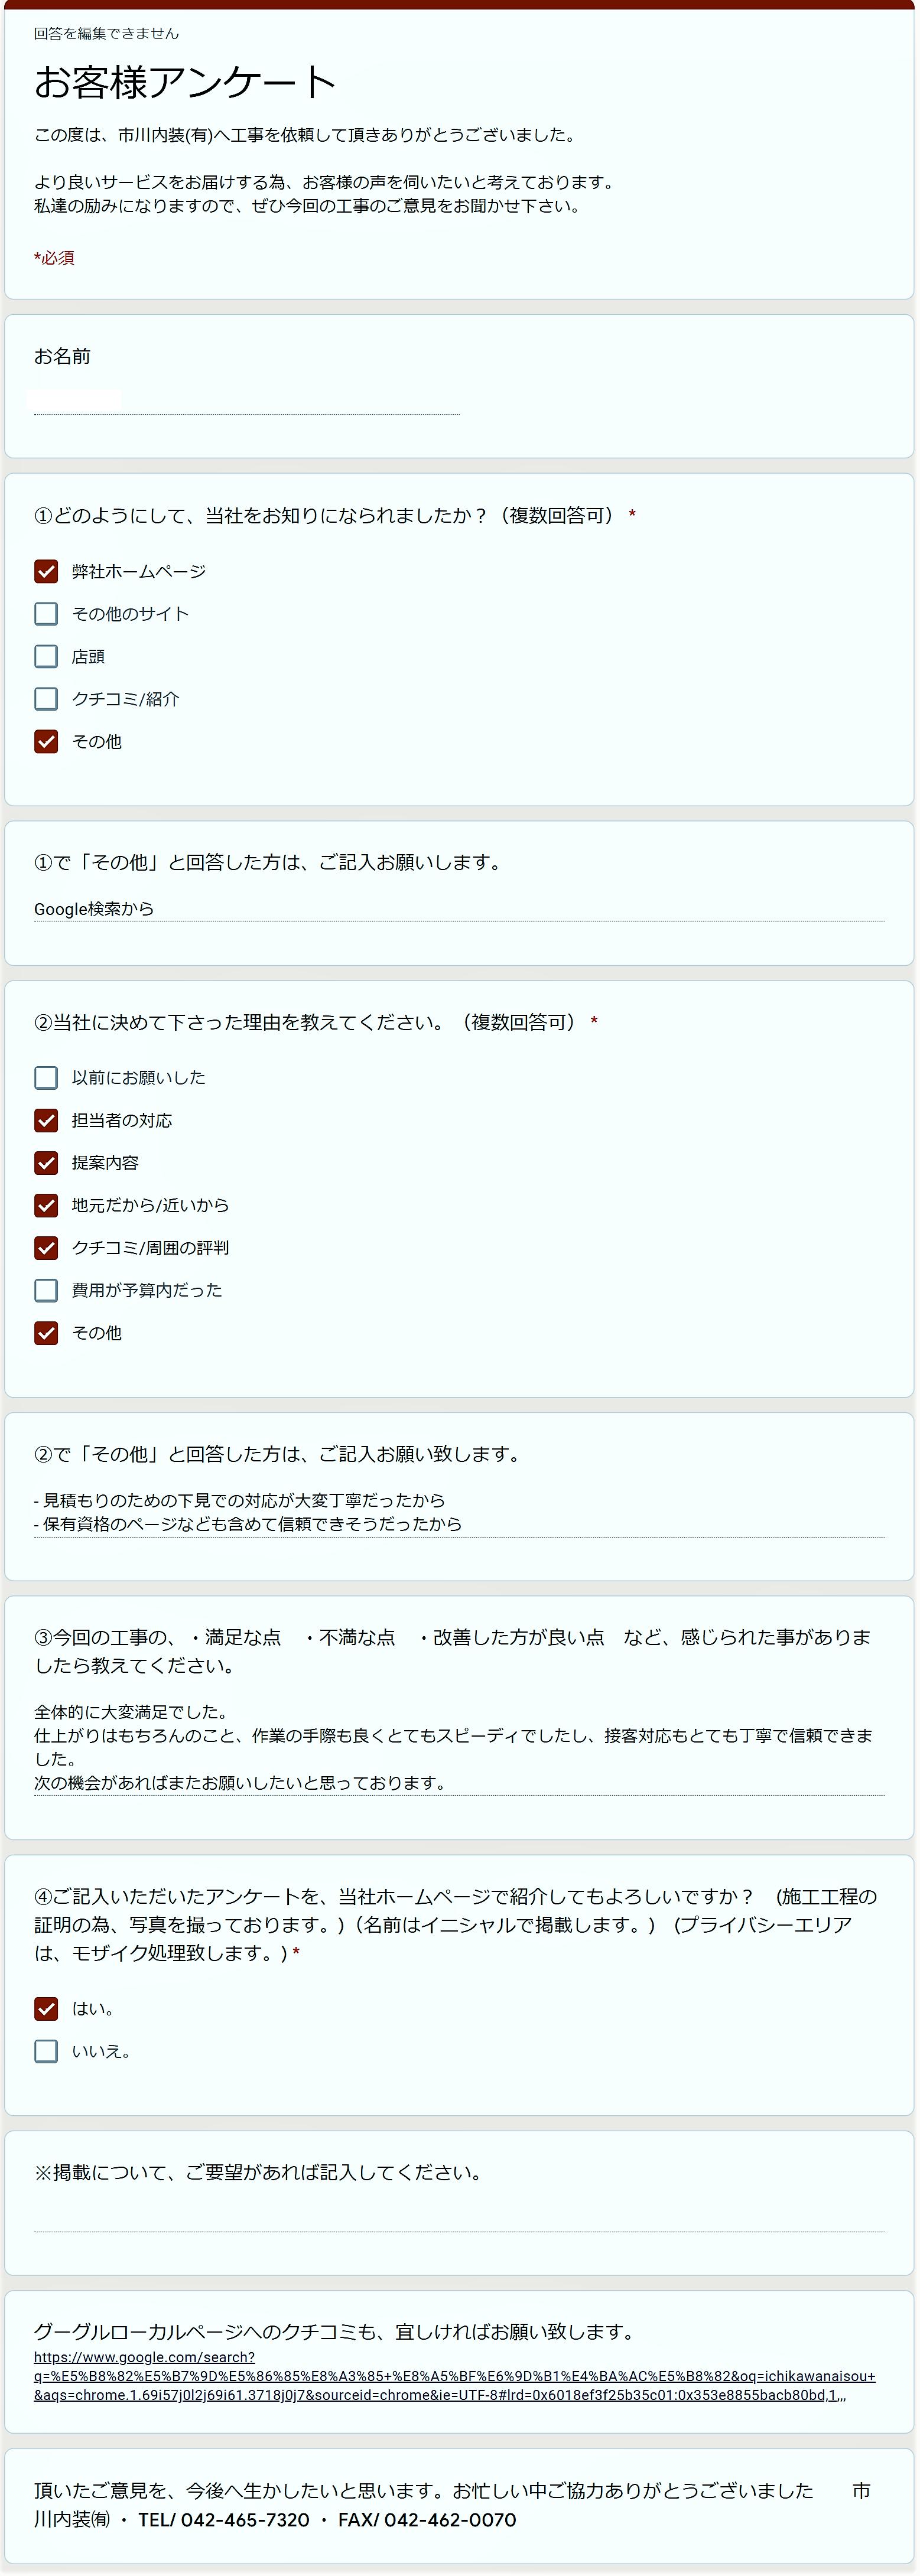 左右田様アンケート - コピー